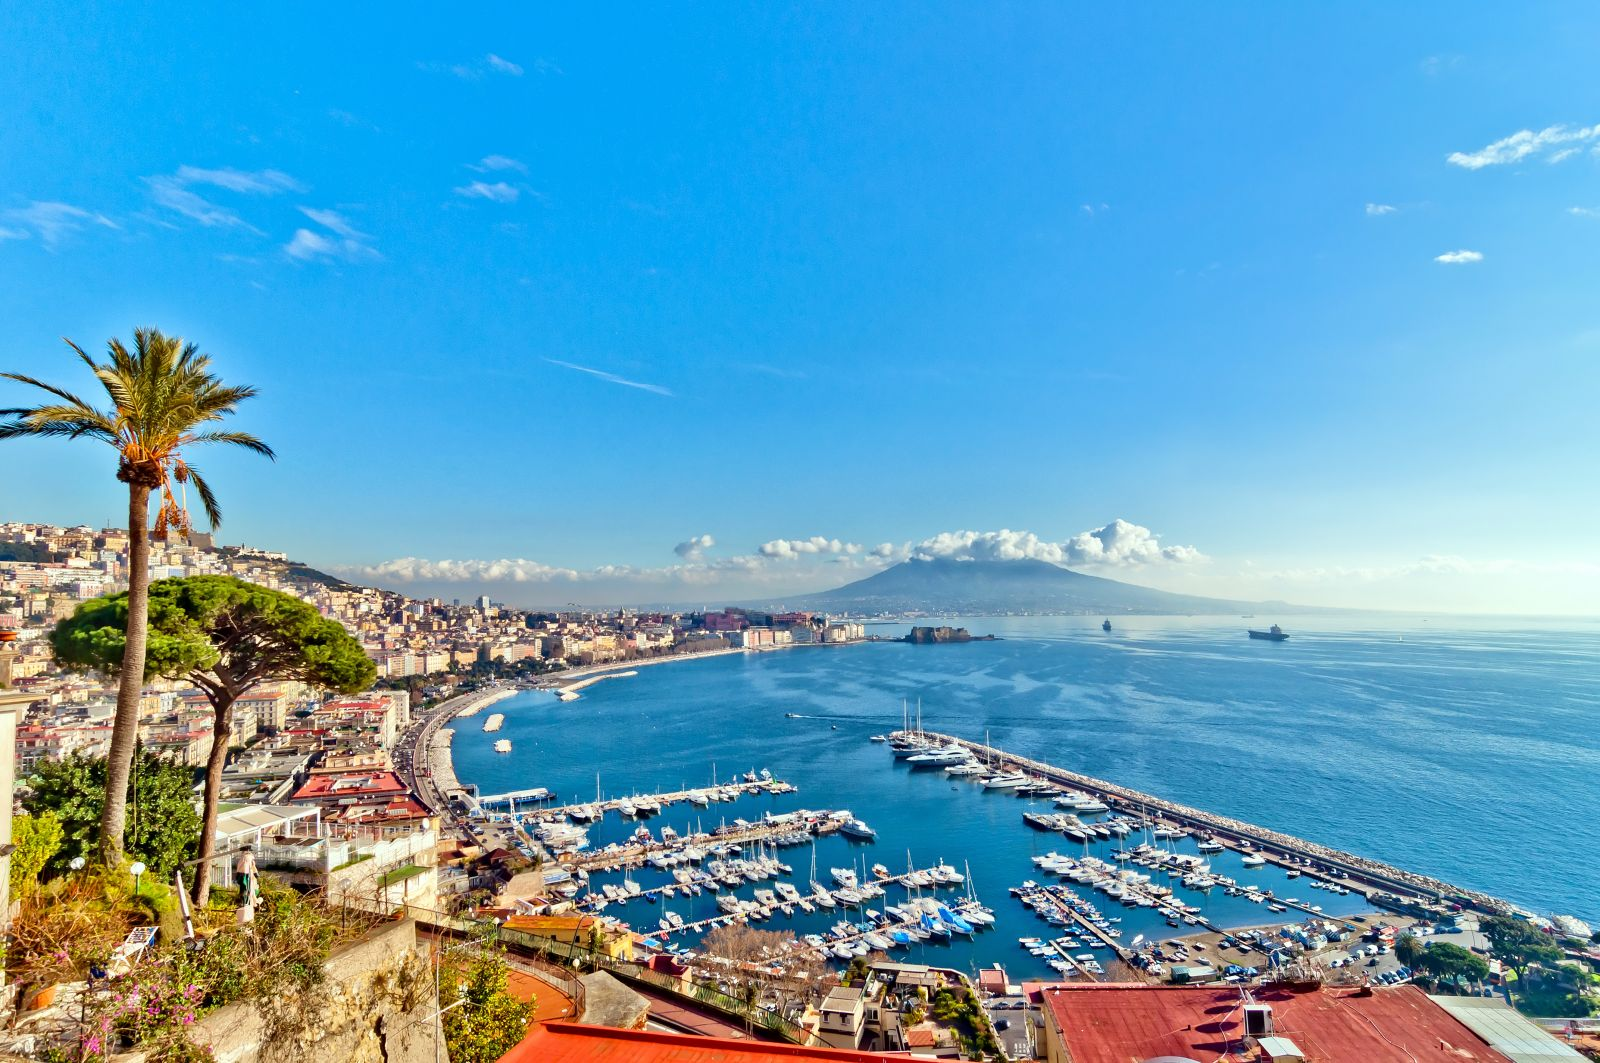 In Neapel taucht man in die reiche Geschichte der Gegend ein, zum Beispiel nach Pompeji oder in das unterirdische Neapel.  ©eddygaleotti/AdobeStock